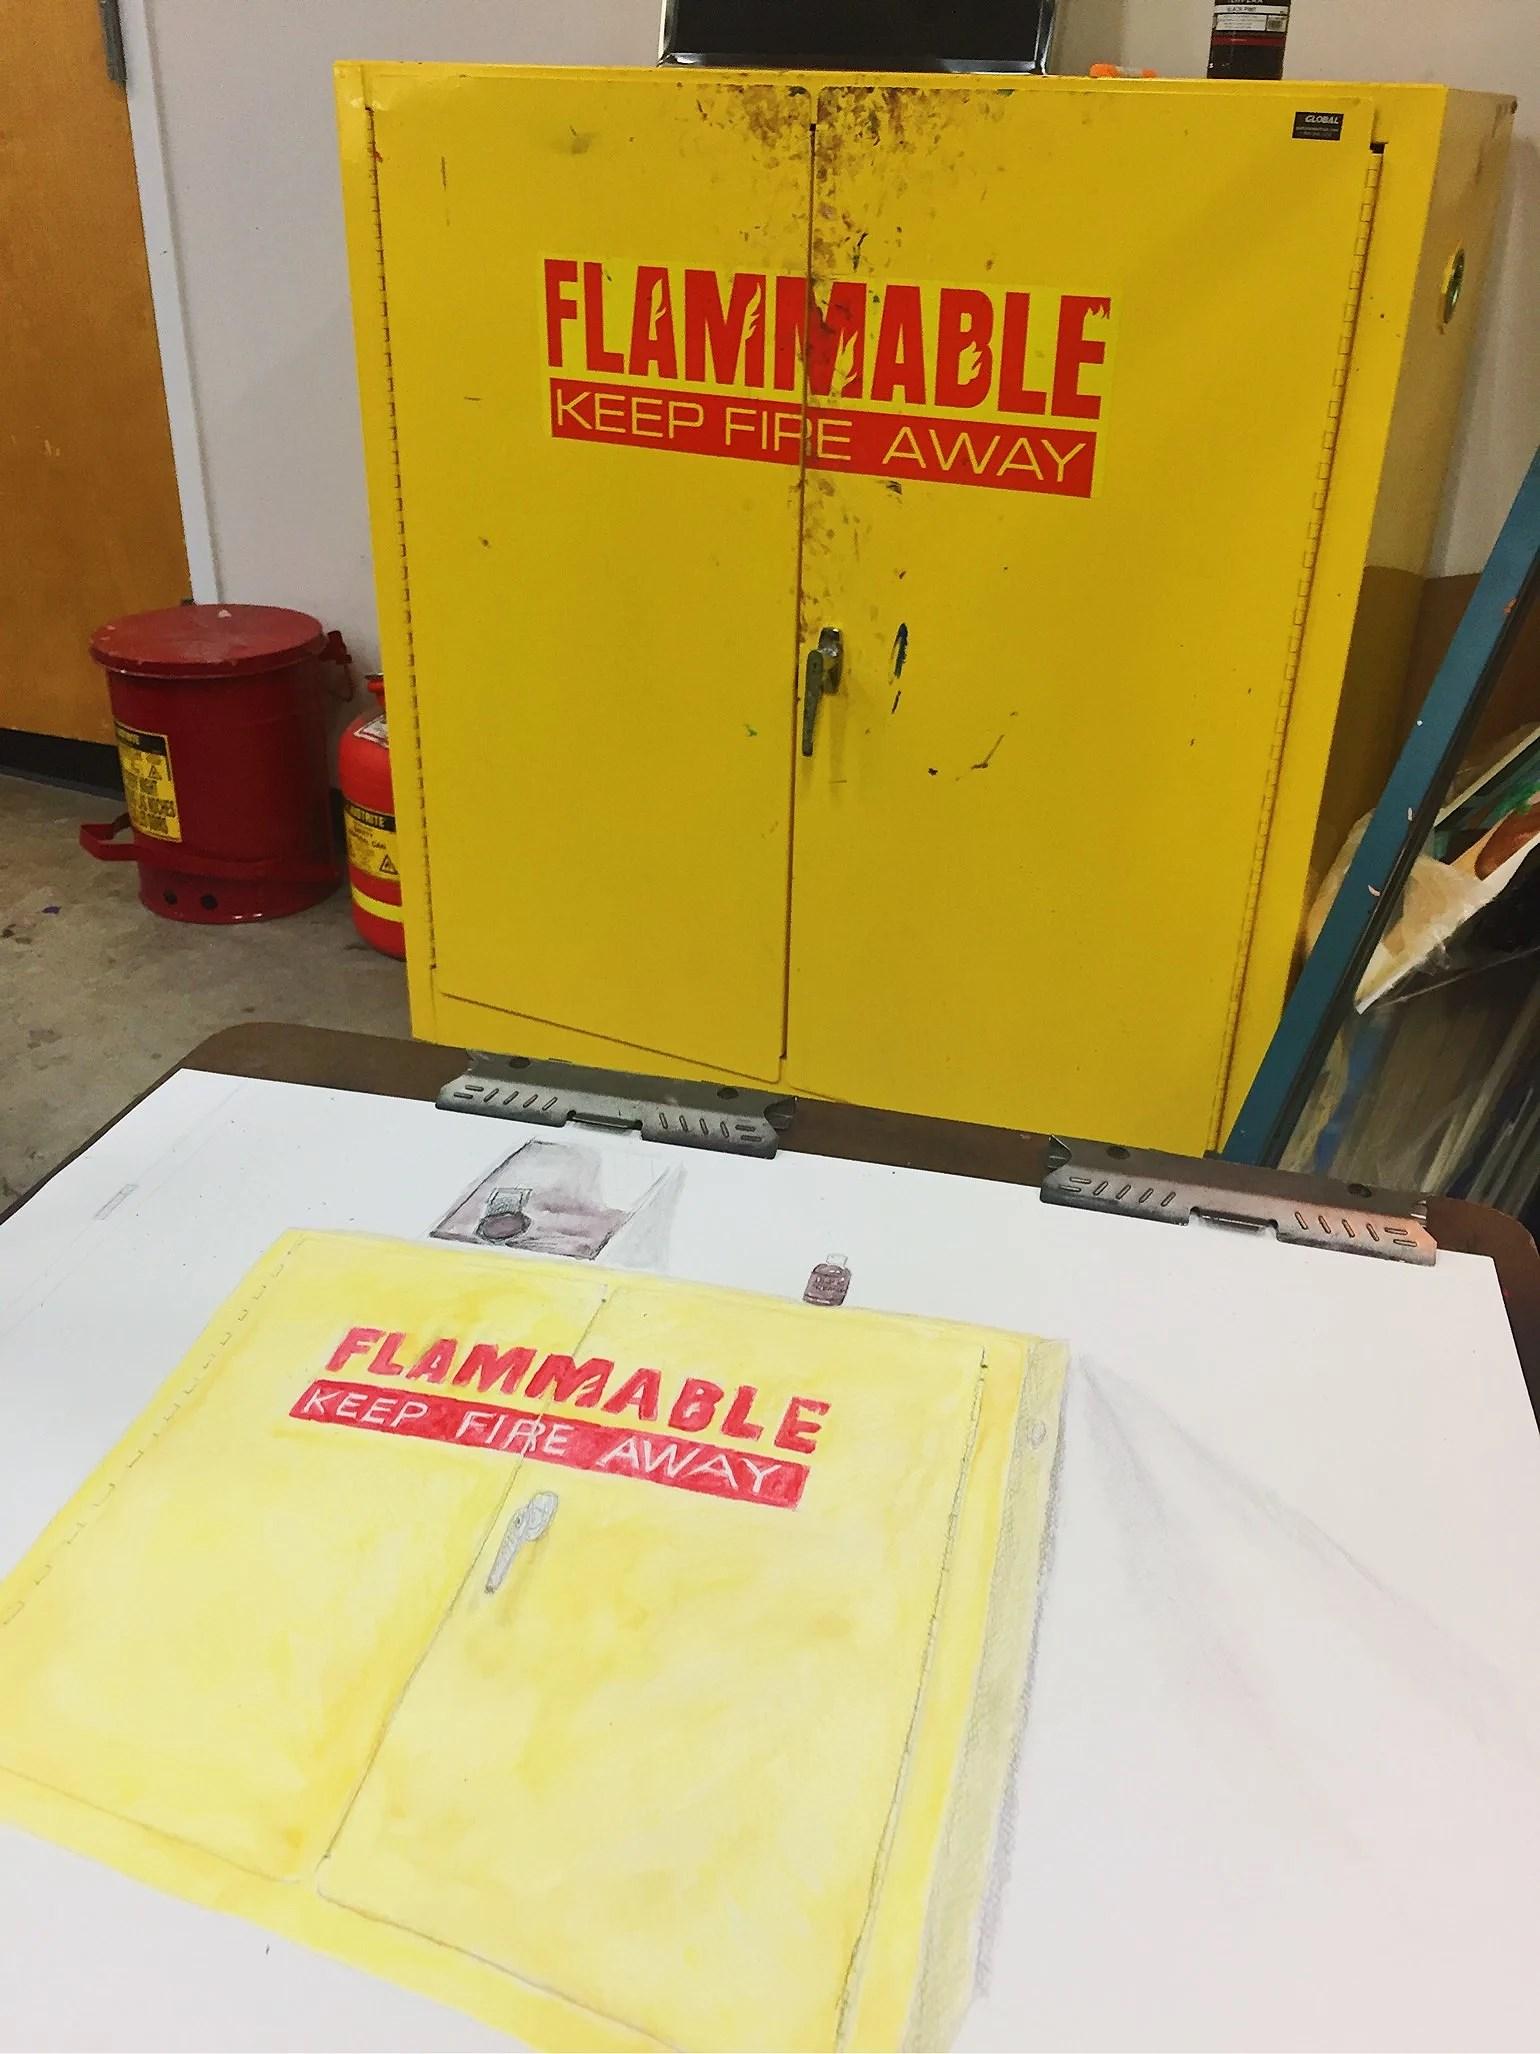 Flammable!